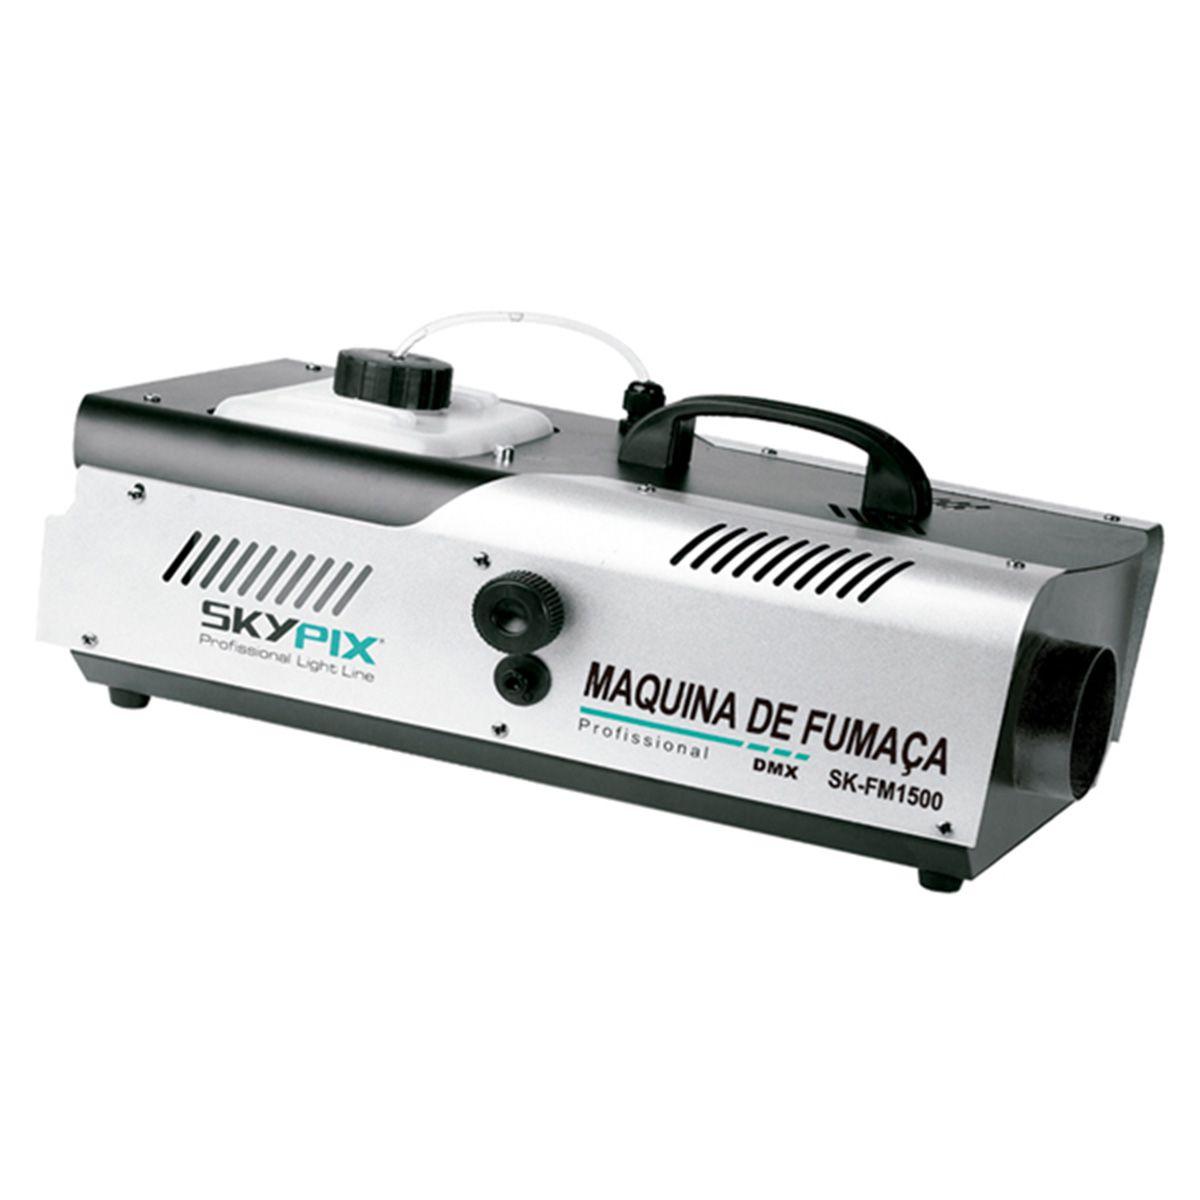 Máquina de Fumaça SK FM 1500 DMX / 220v - Skypix